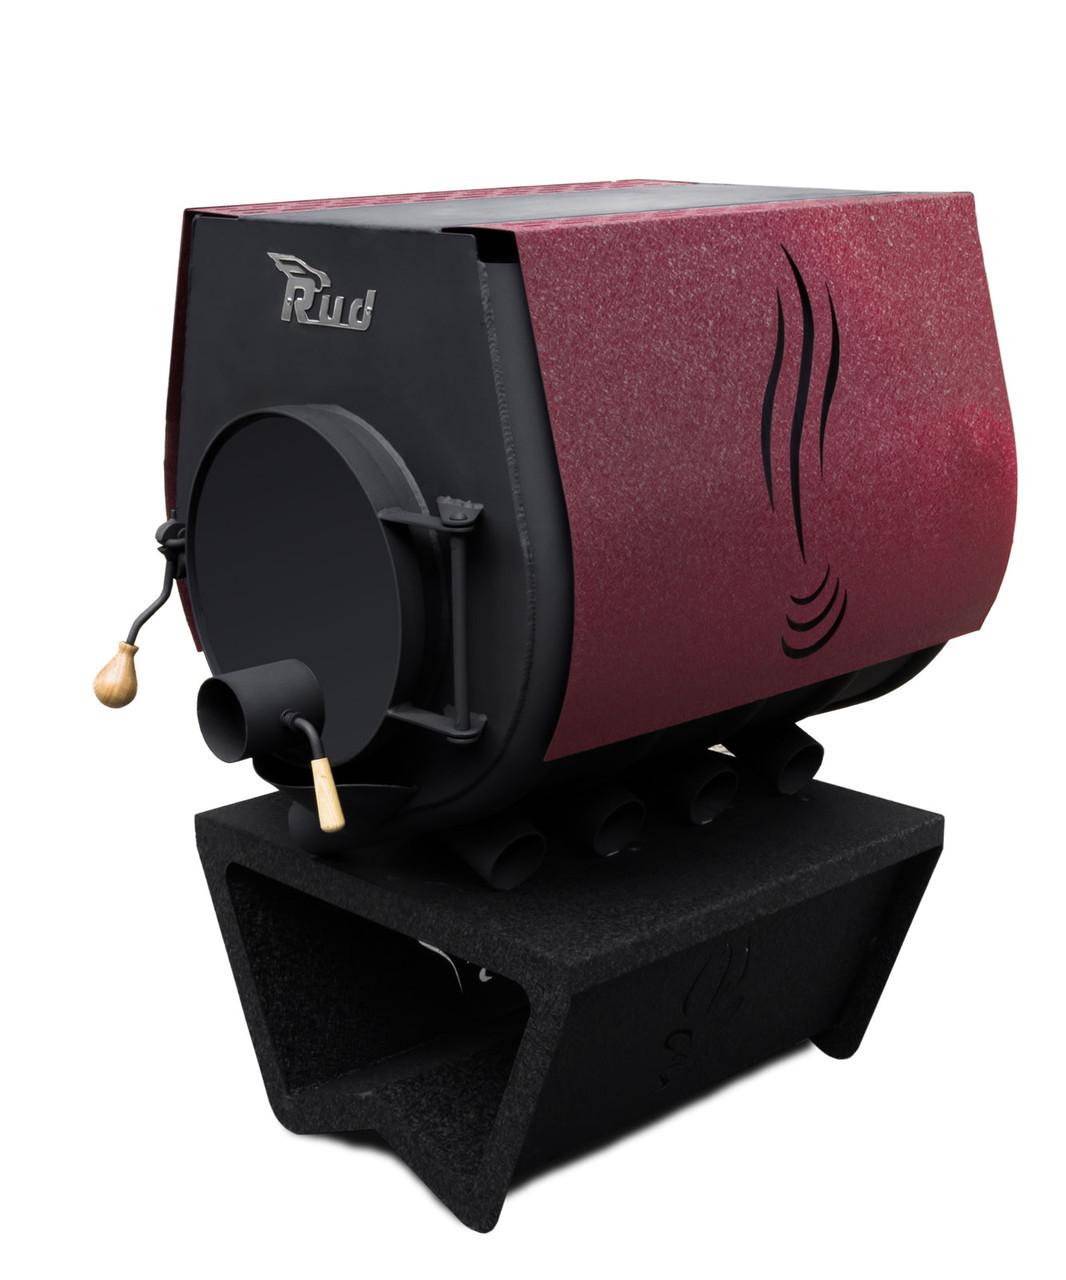 Печь булерьян rud pyrotron кантри с варочной поверхностью 15 кВт [тип 02]